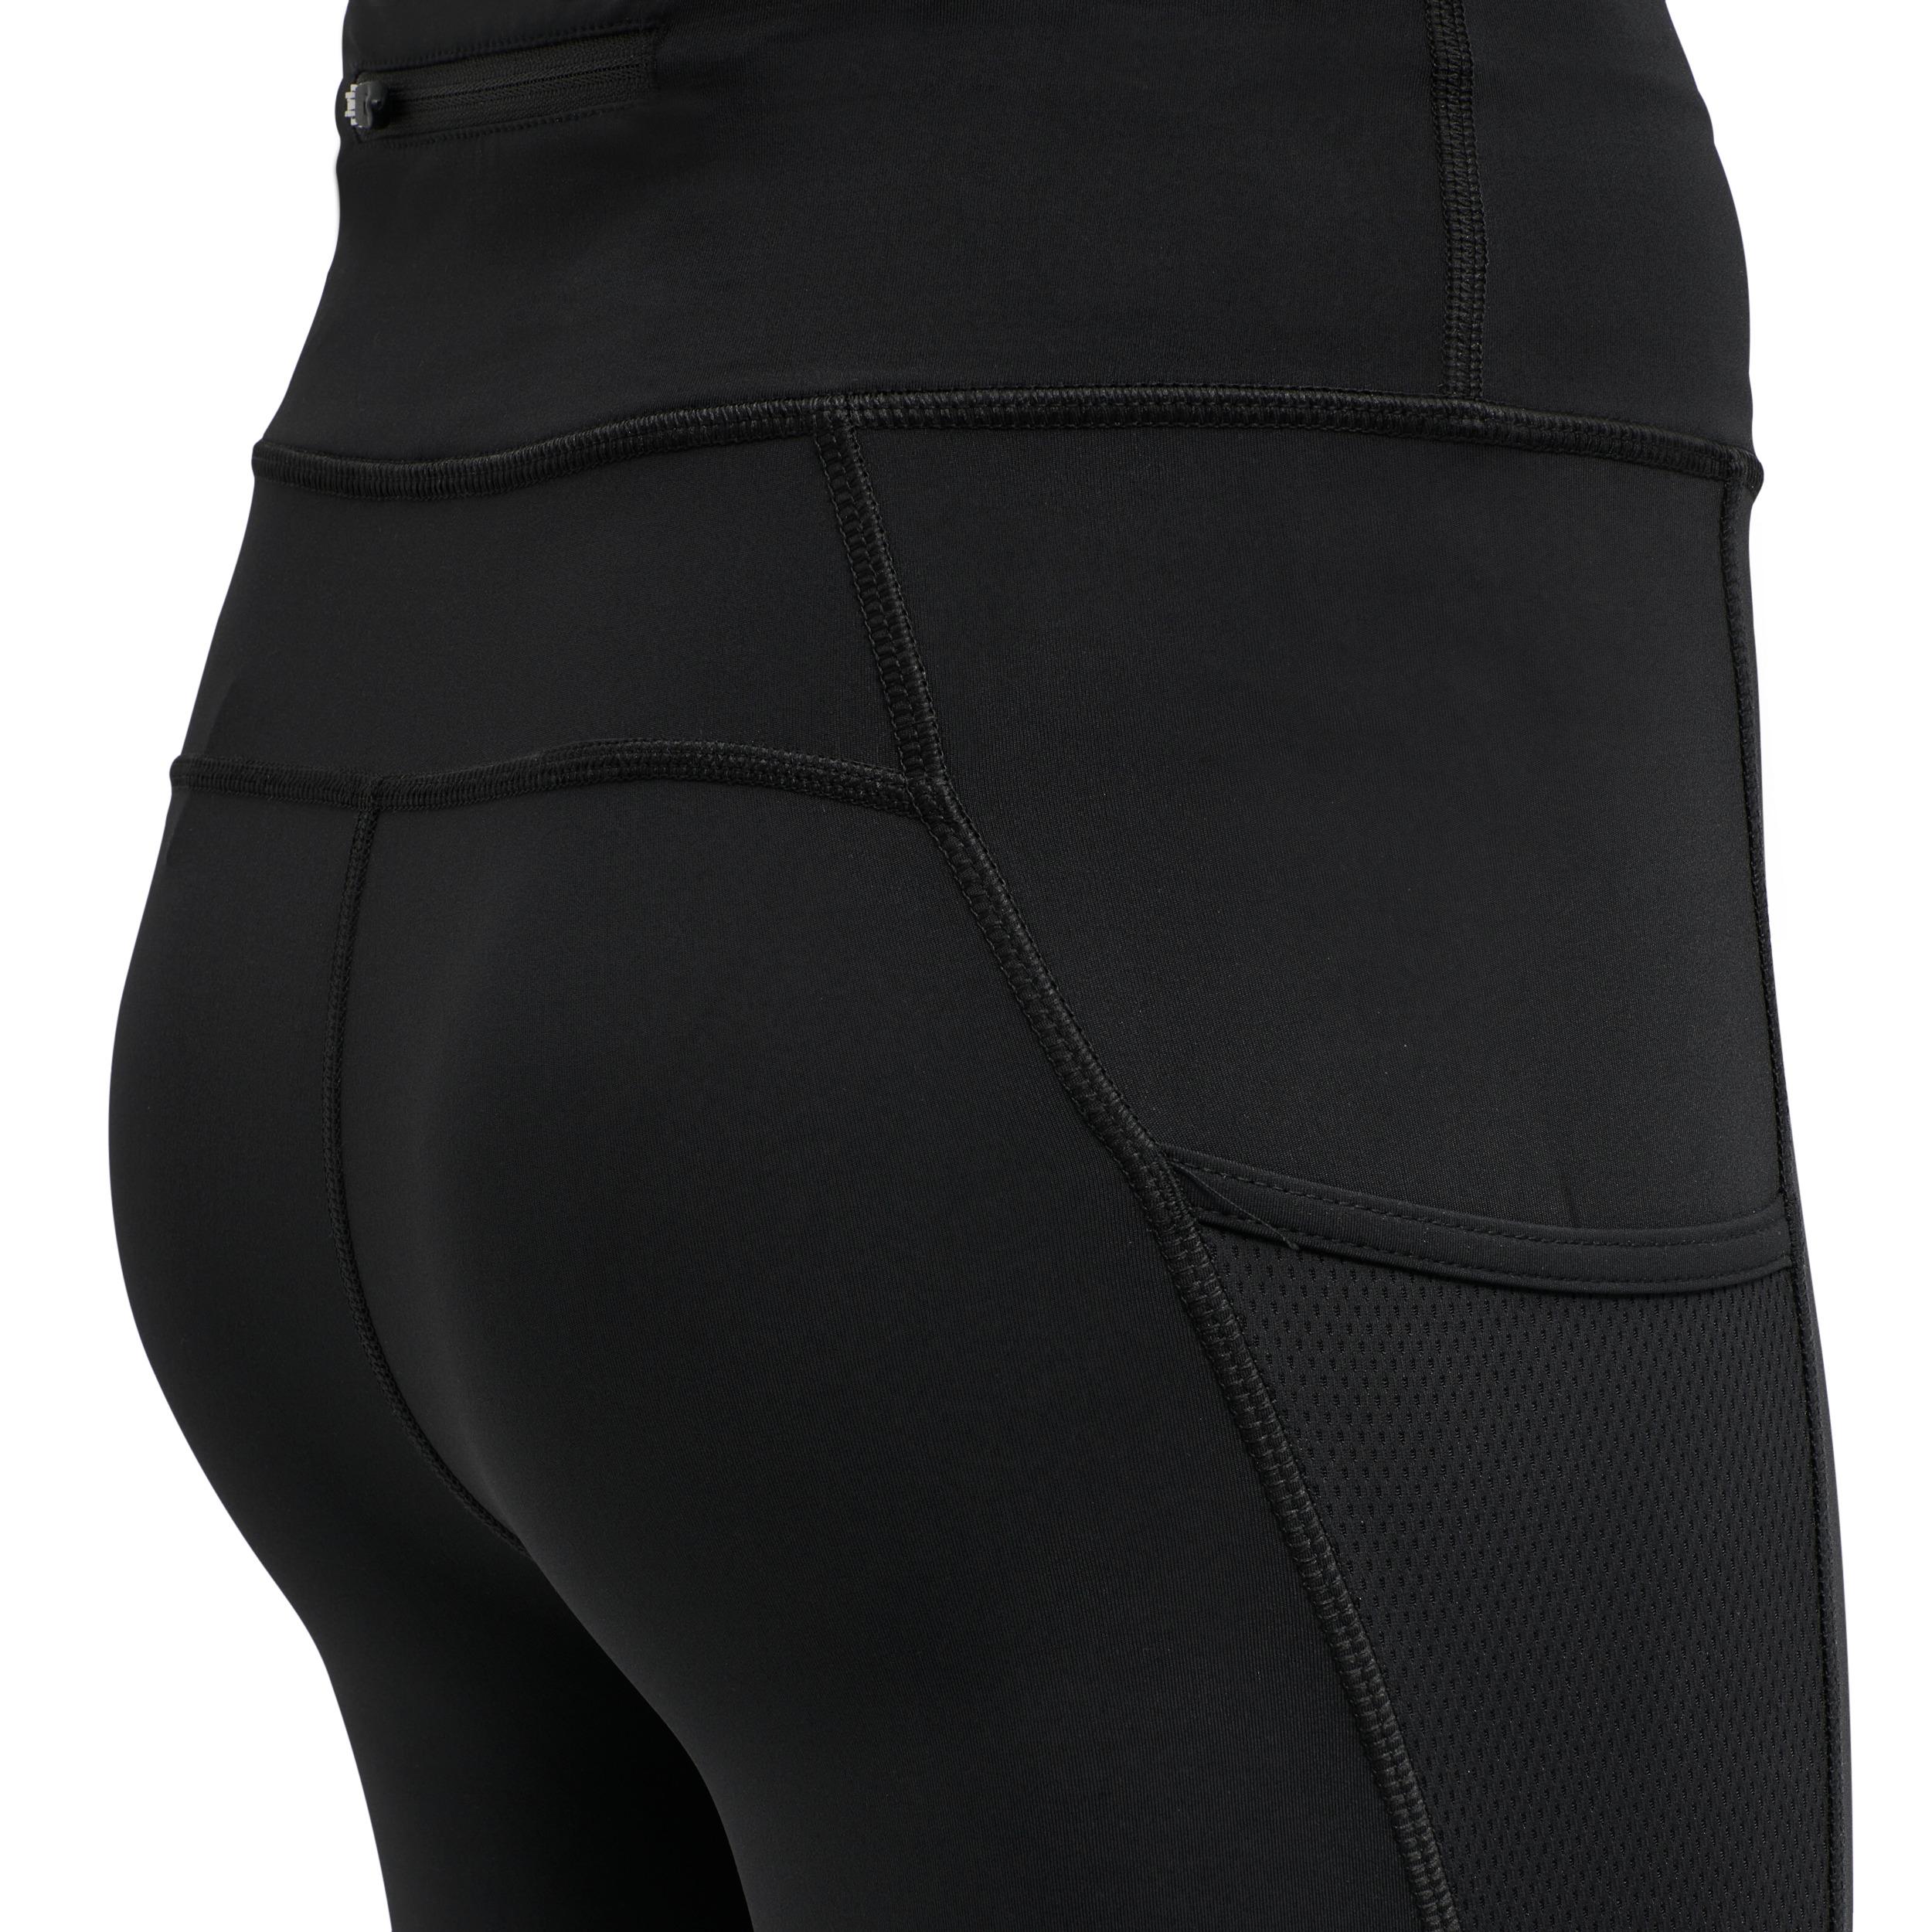 Newline W Højtaljede tights, black, small